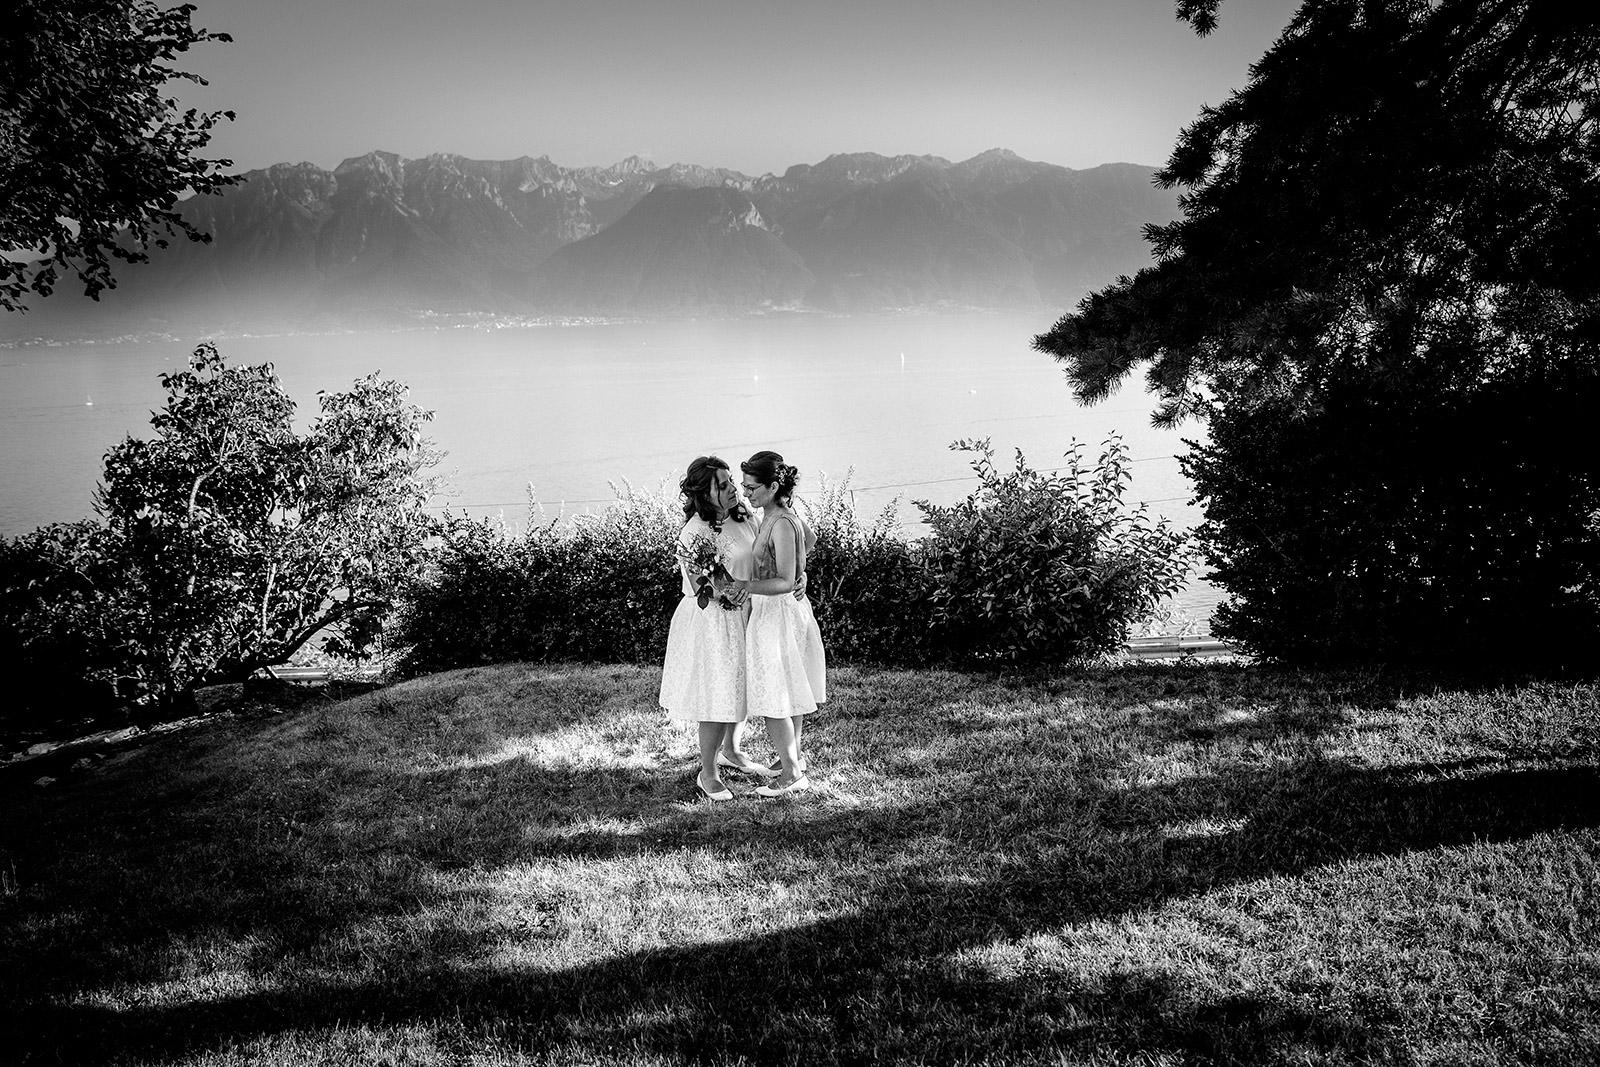 Photographe de mariage gay same sex photographe de mariage en suisse Marriage to the area of the Burignon Switzerland Castille ALMA photographe Mariage au domaine du Burignon St Saphorin Suisse